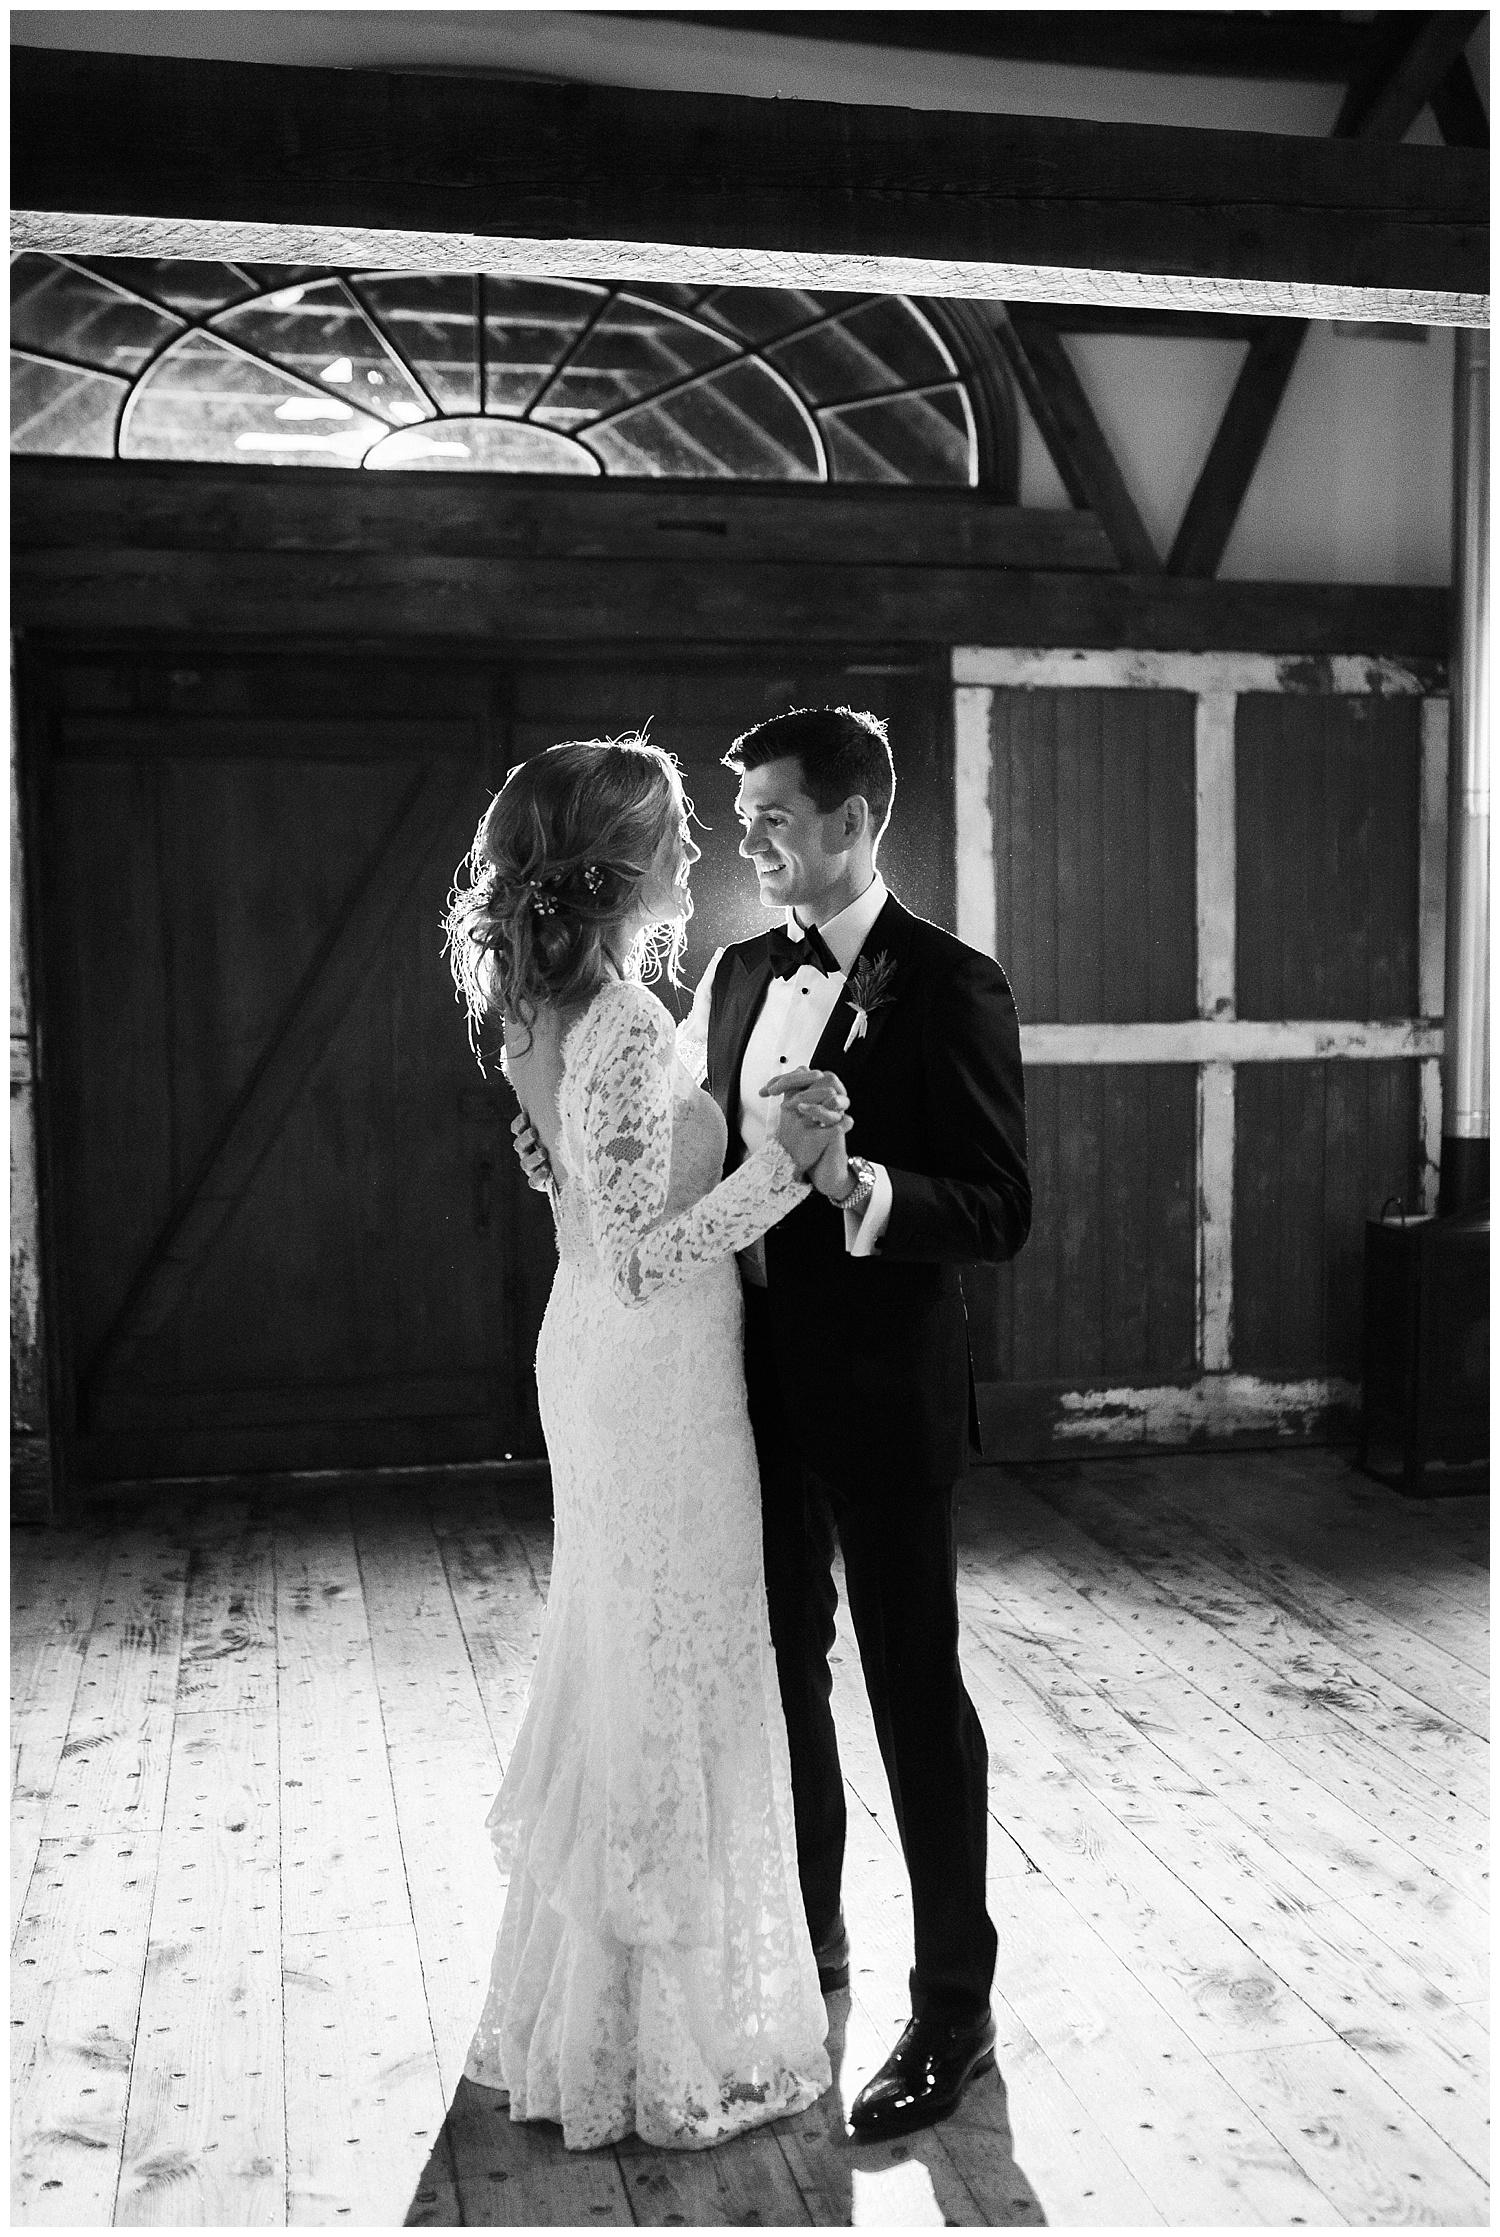 Eden Strader Photography First Dance